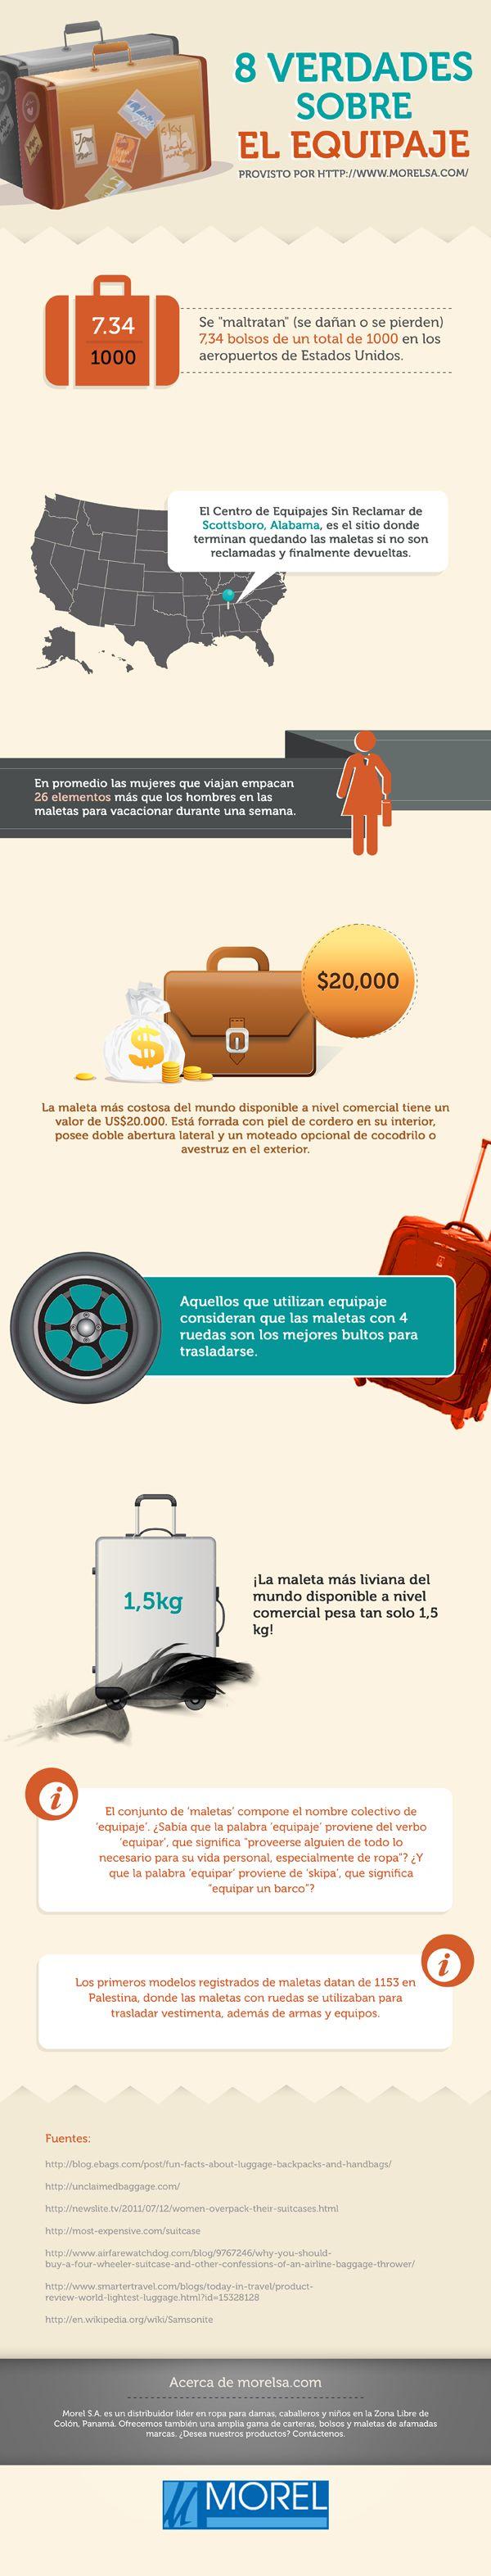 8 verdades sobre el equipaje de viaje - Infografías